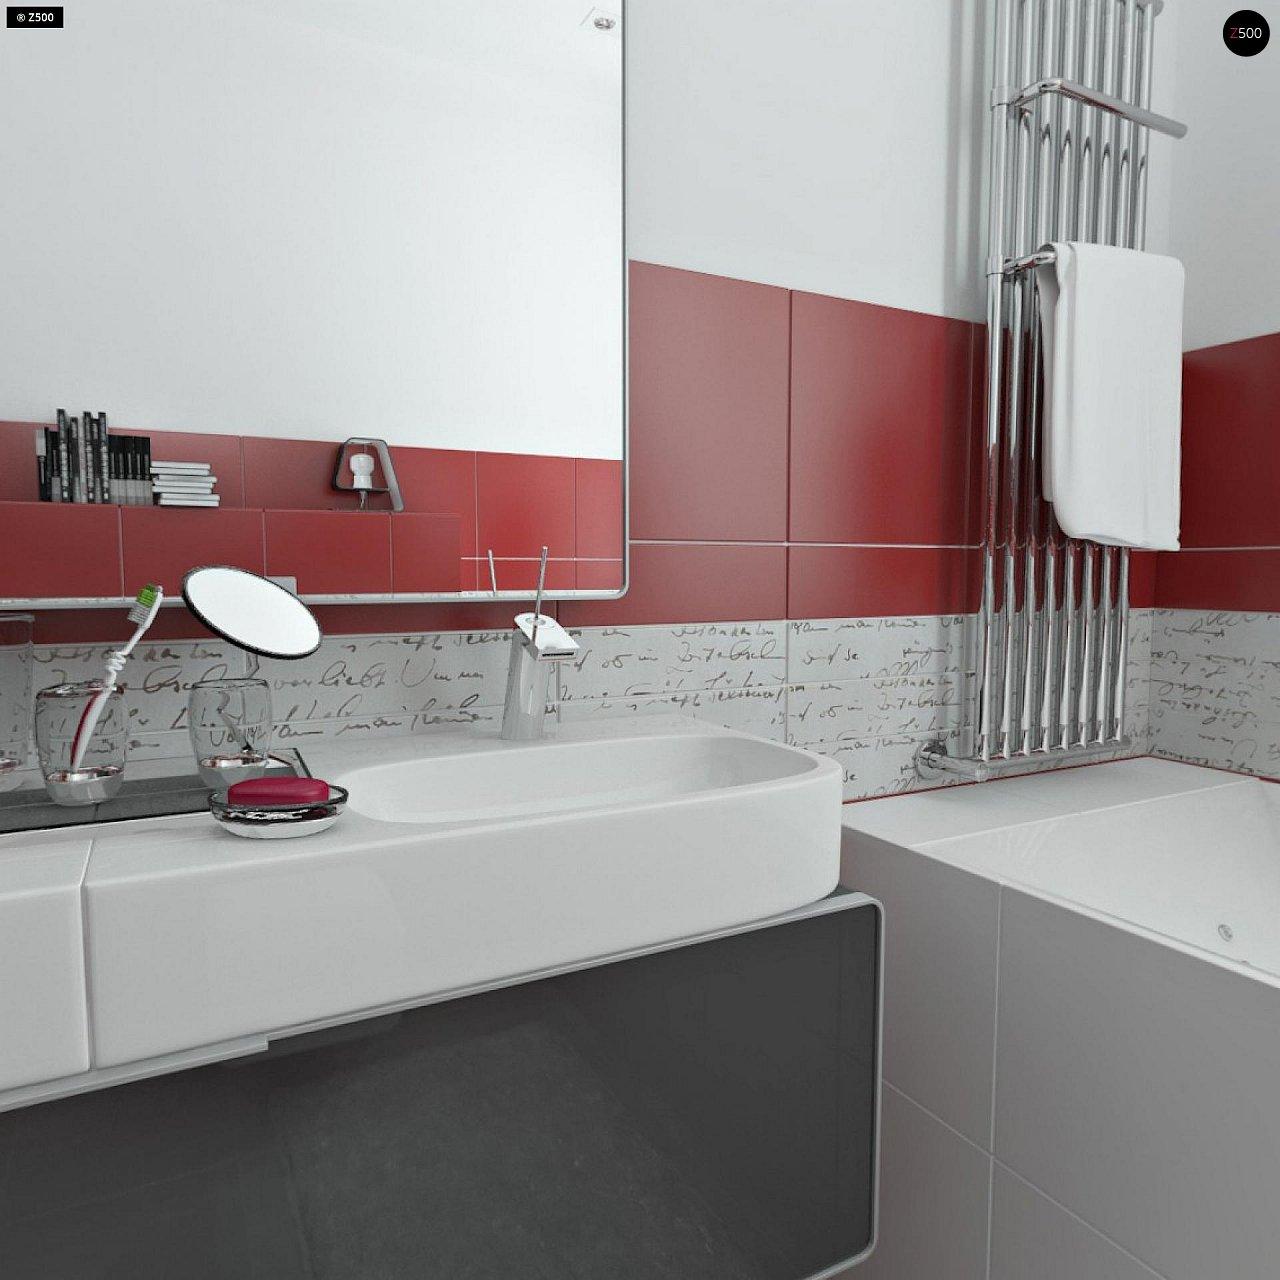 Вариант двухэтажного дома Zx24a с плитами перекрытия 19